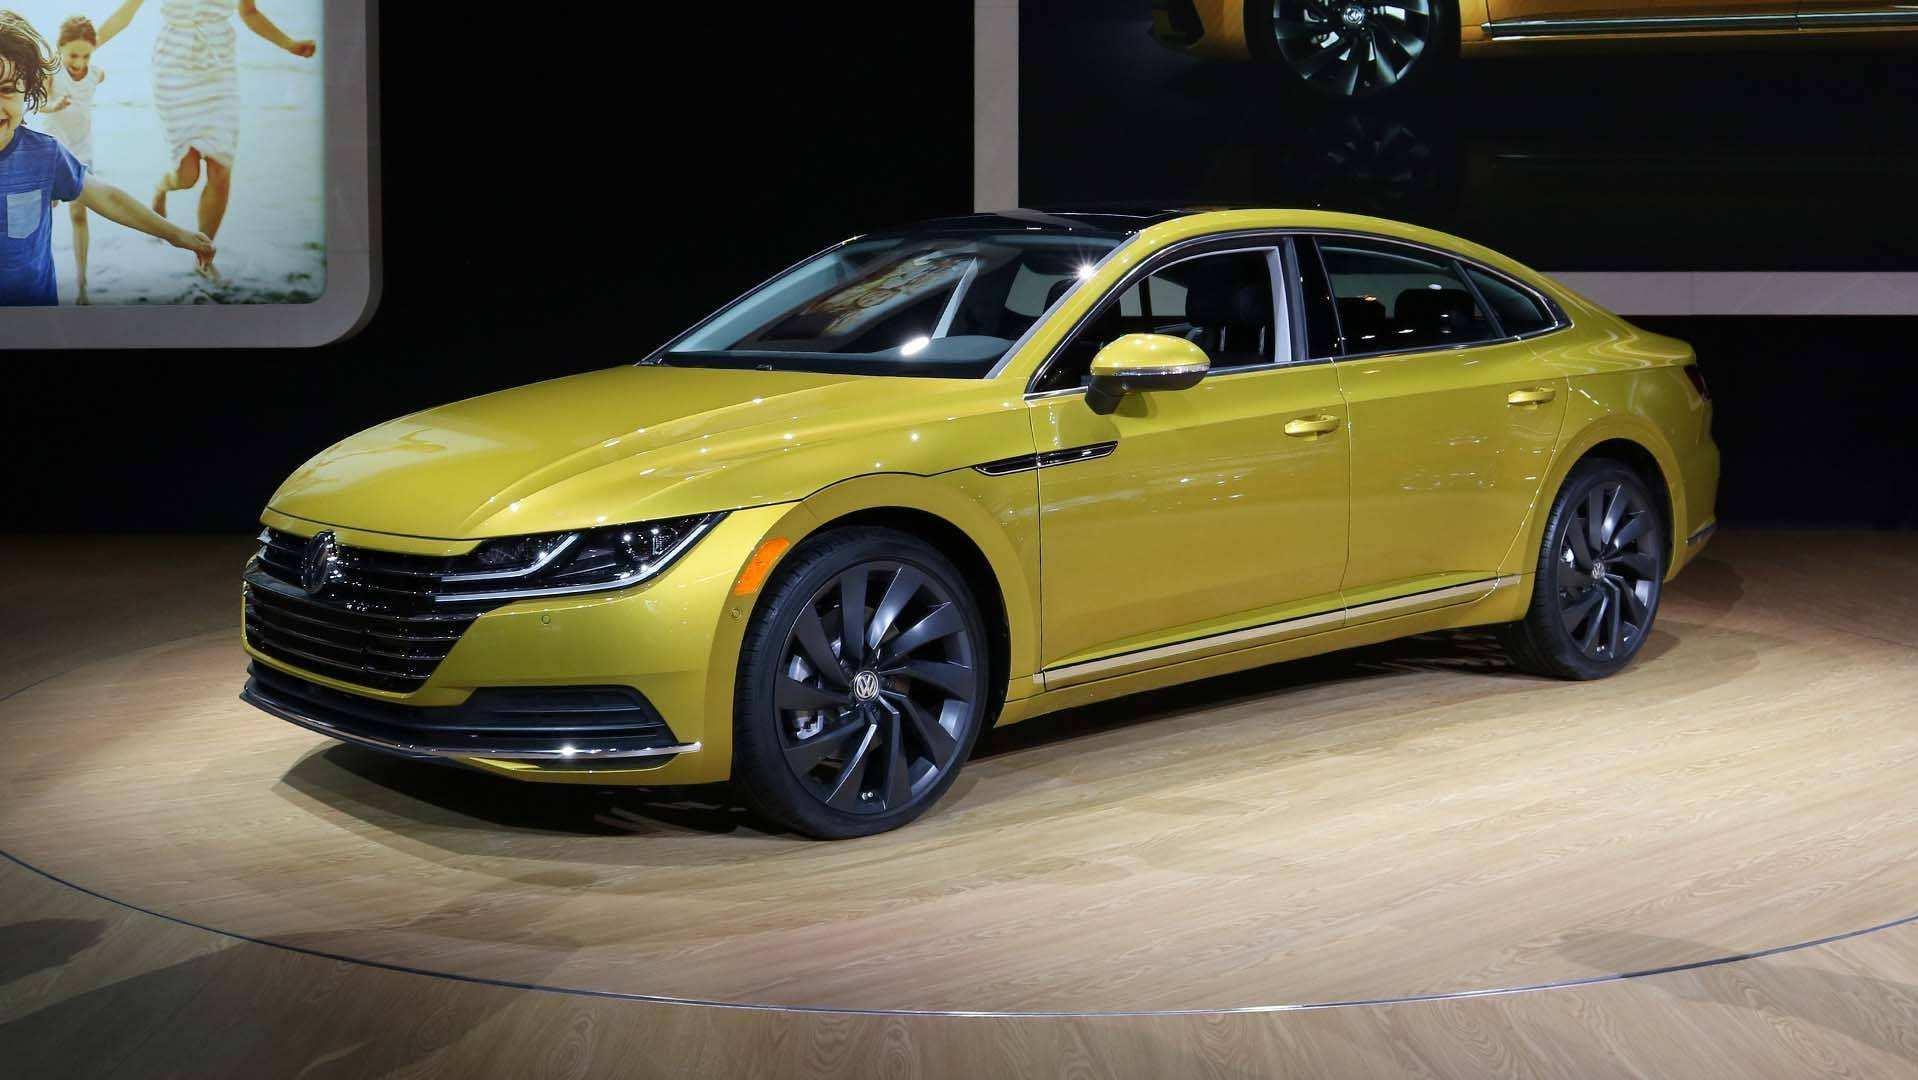 27 Great Volkswagen Arteon 2020 Exterior Date Research New for Volkswagen Arteon 2020 Exterior Date